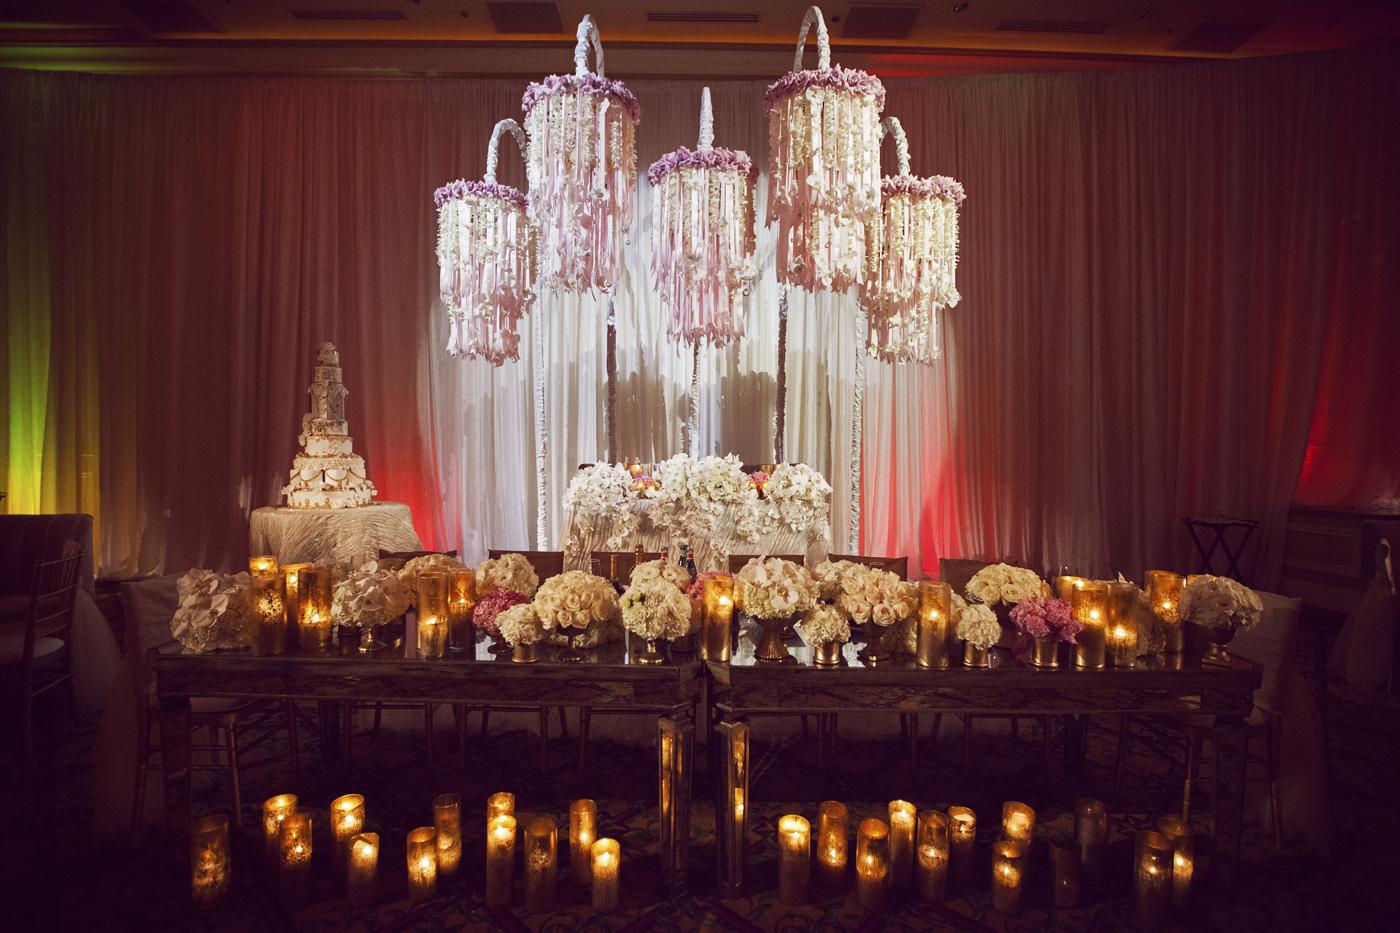 031_DukePhotography_DukeImages_Wedding_Details.jpg